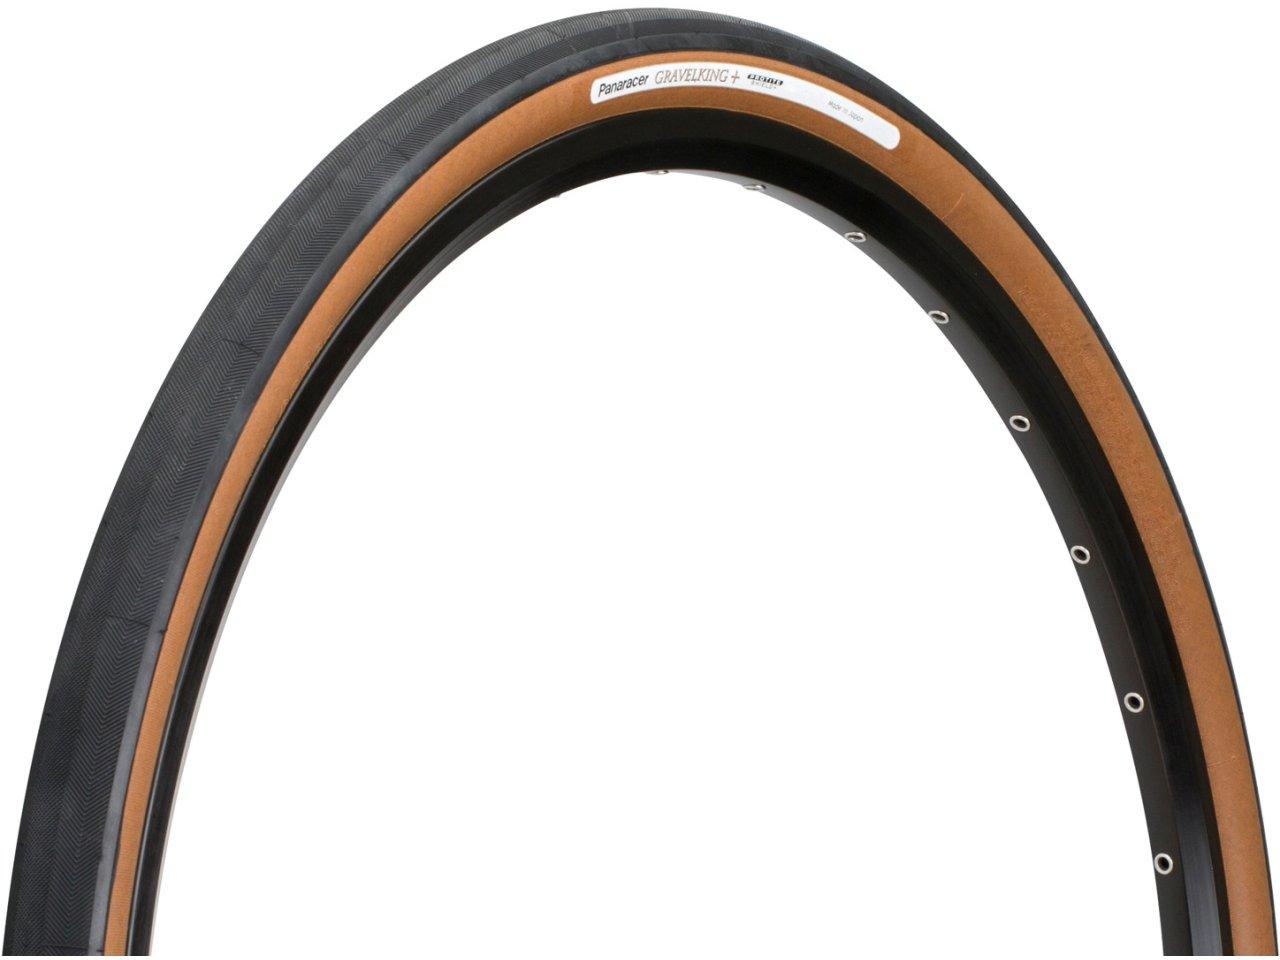 Brown Panaracer GravelKing Slick Plus Tubeless Tyre